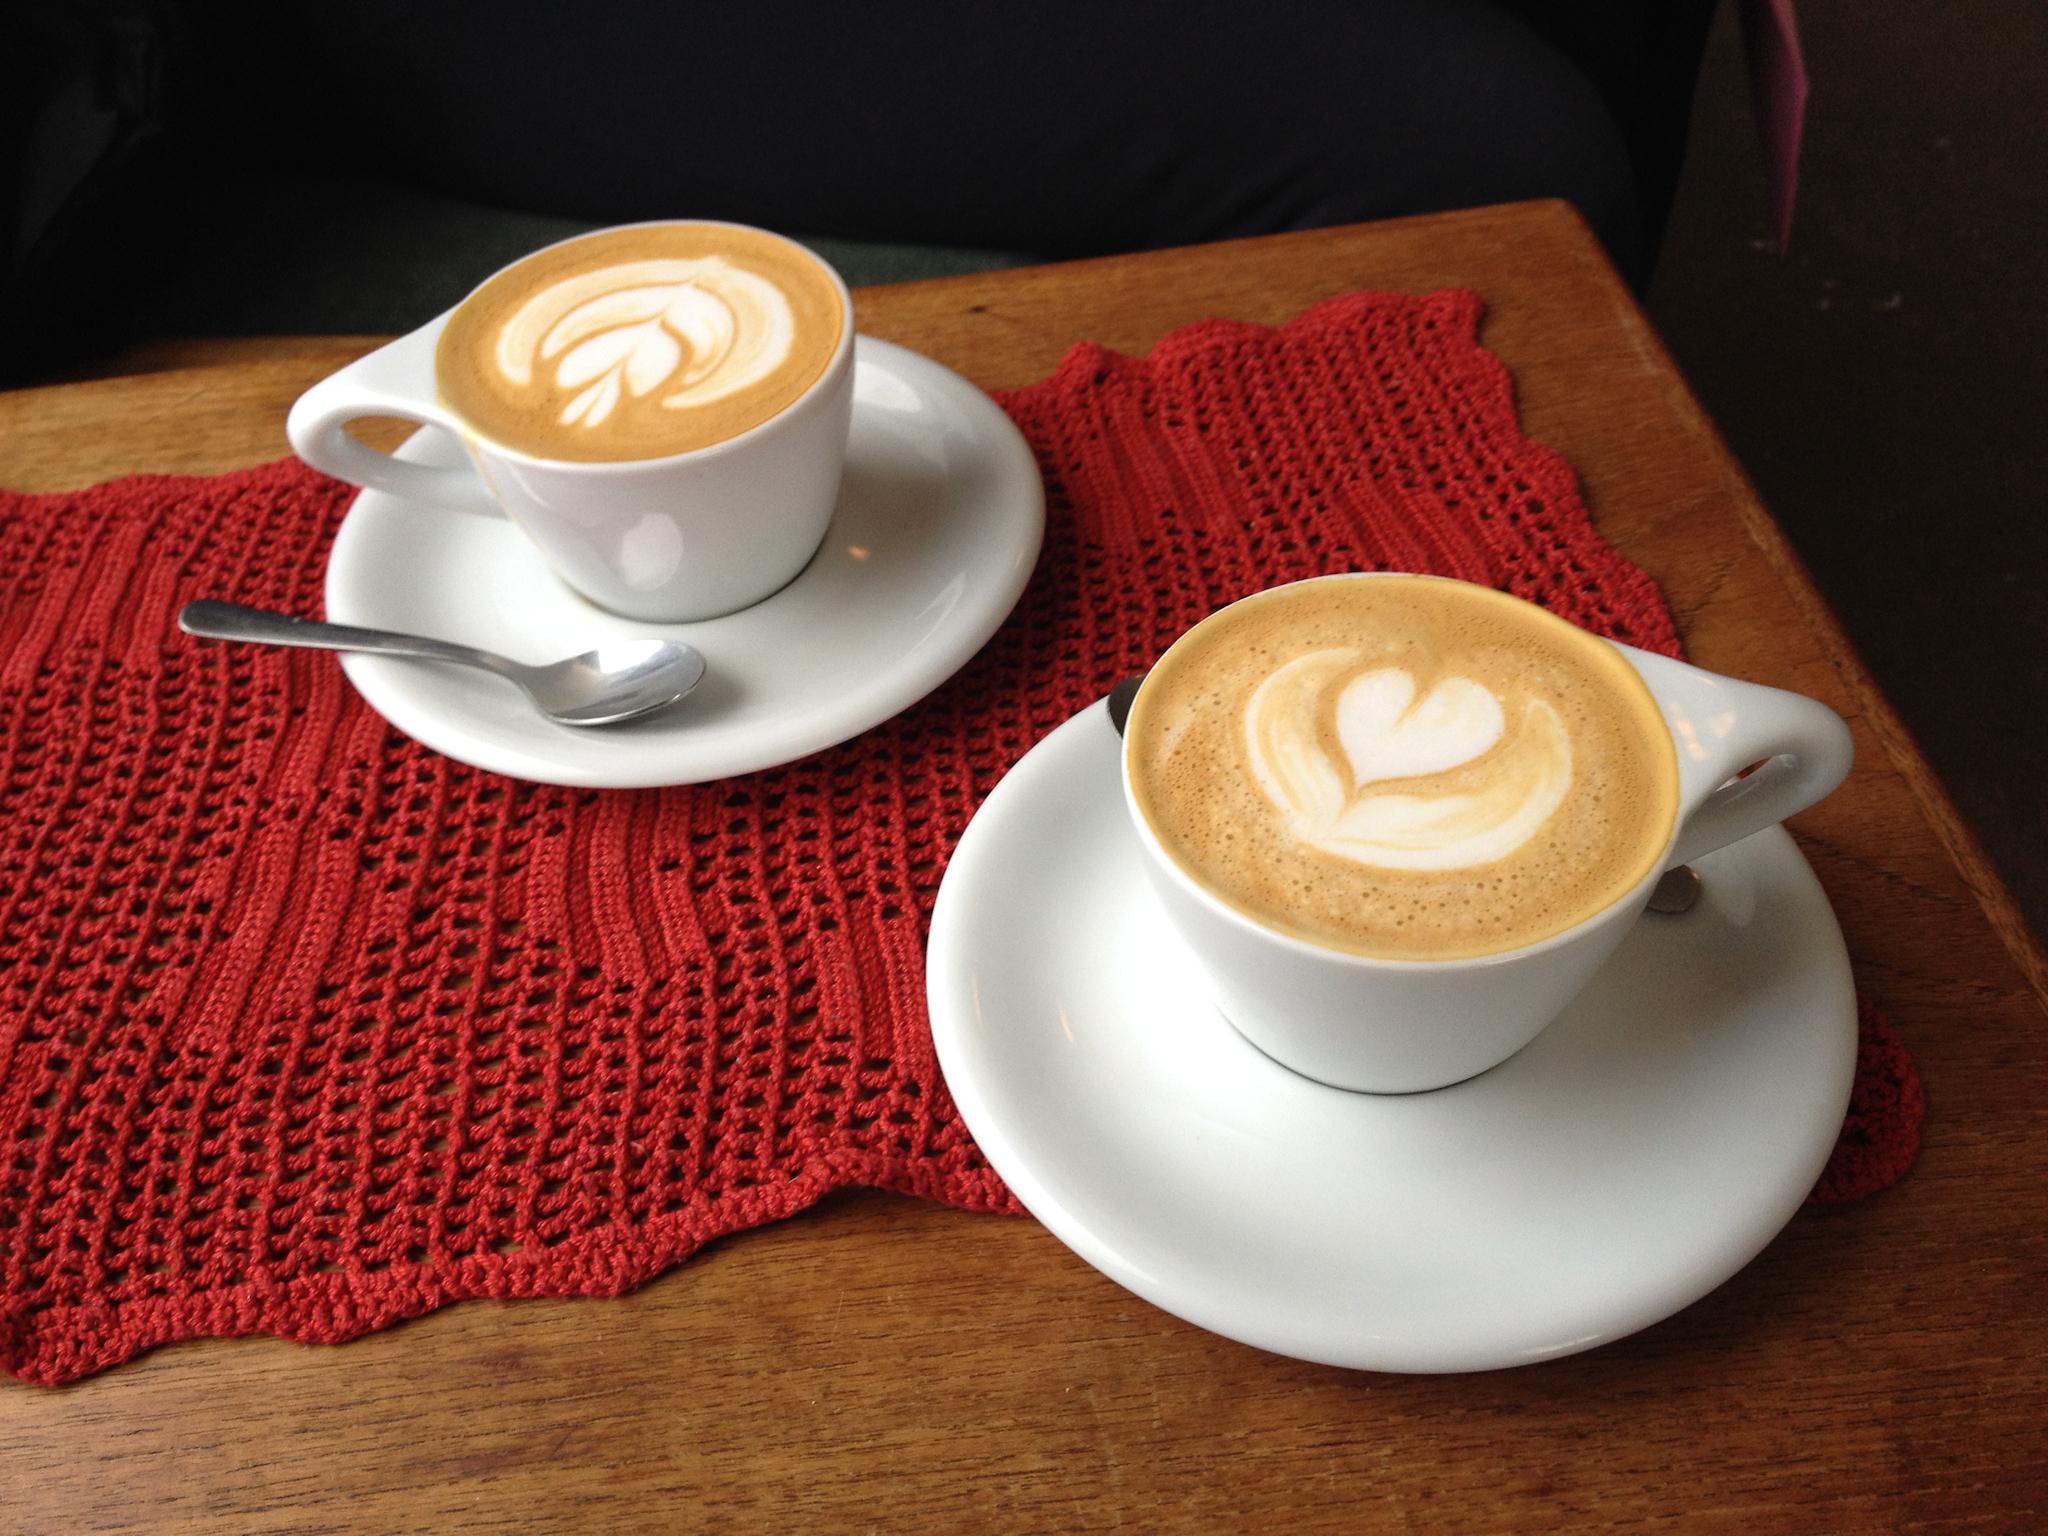 фото чашек кофе на двоих кладутся смонтированный